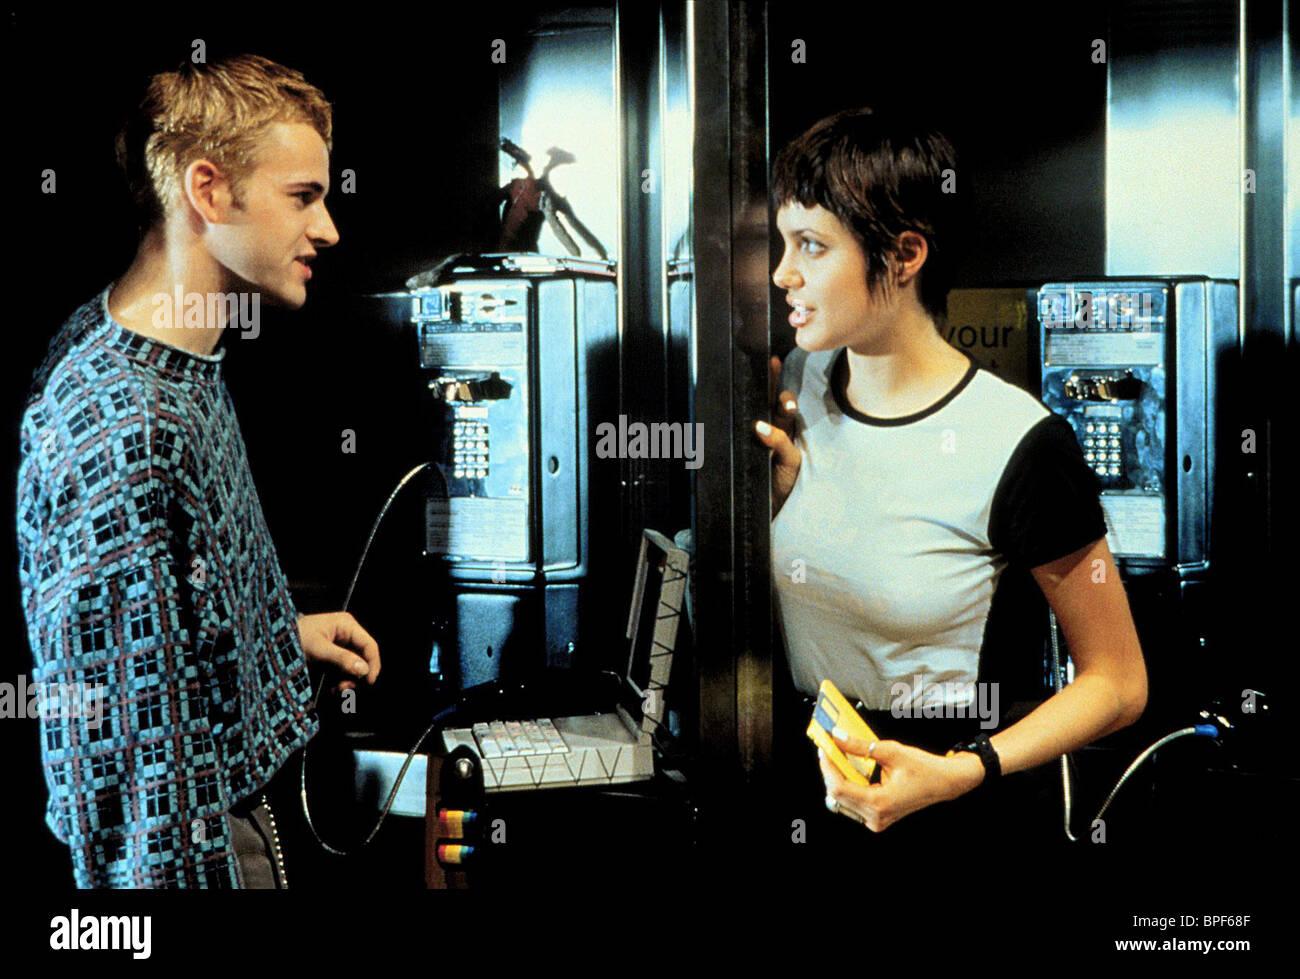 JONNY LEE MILLER & ANGELINA JOLIE HACKERS (1995 Stock ...